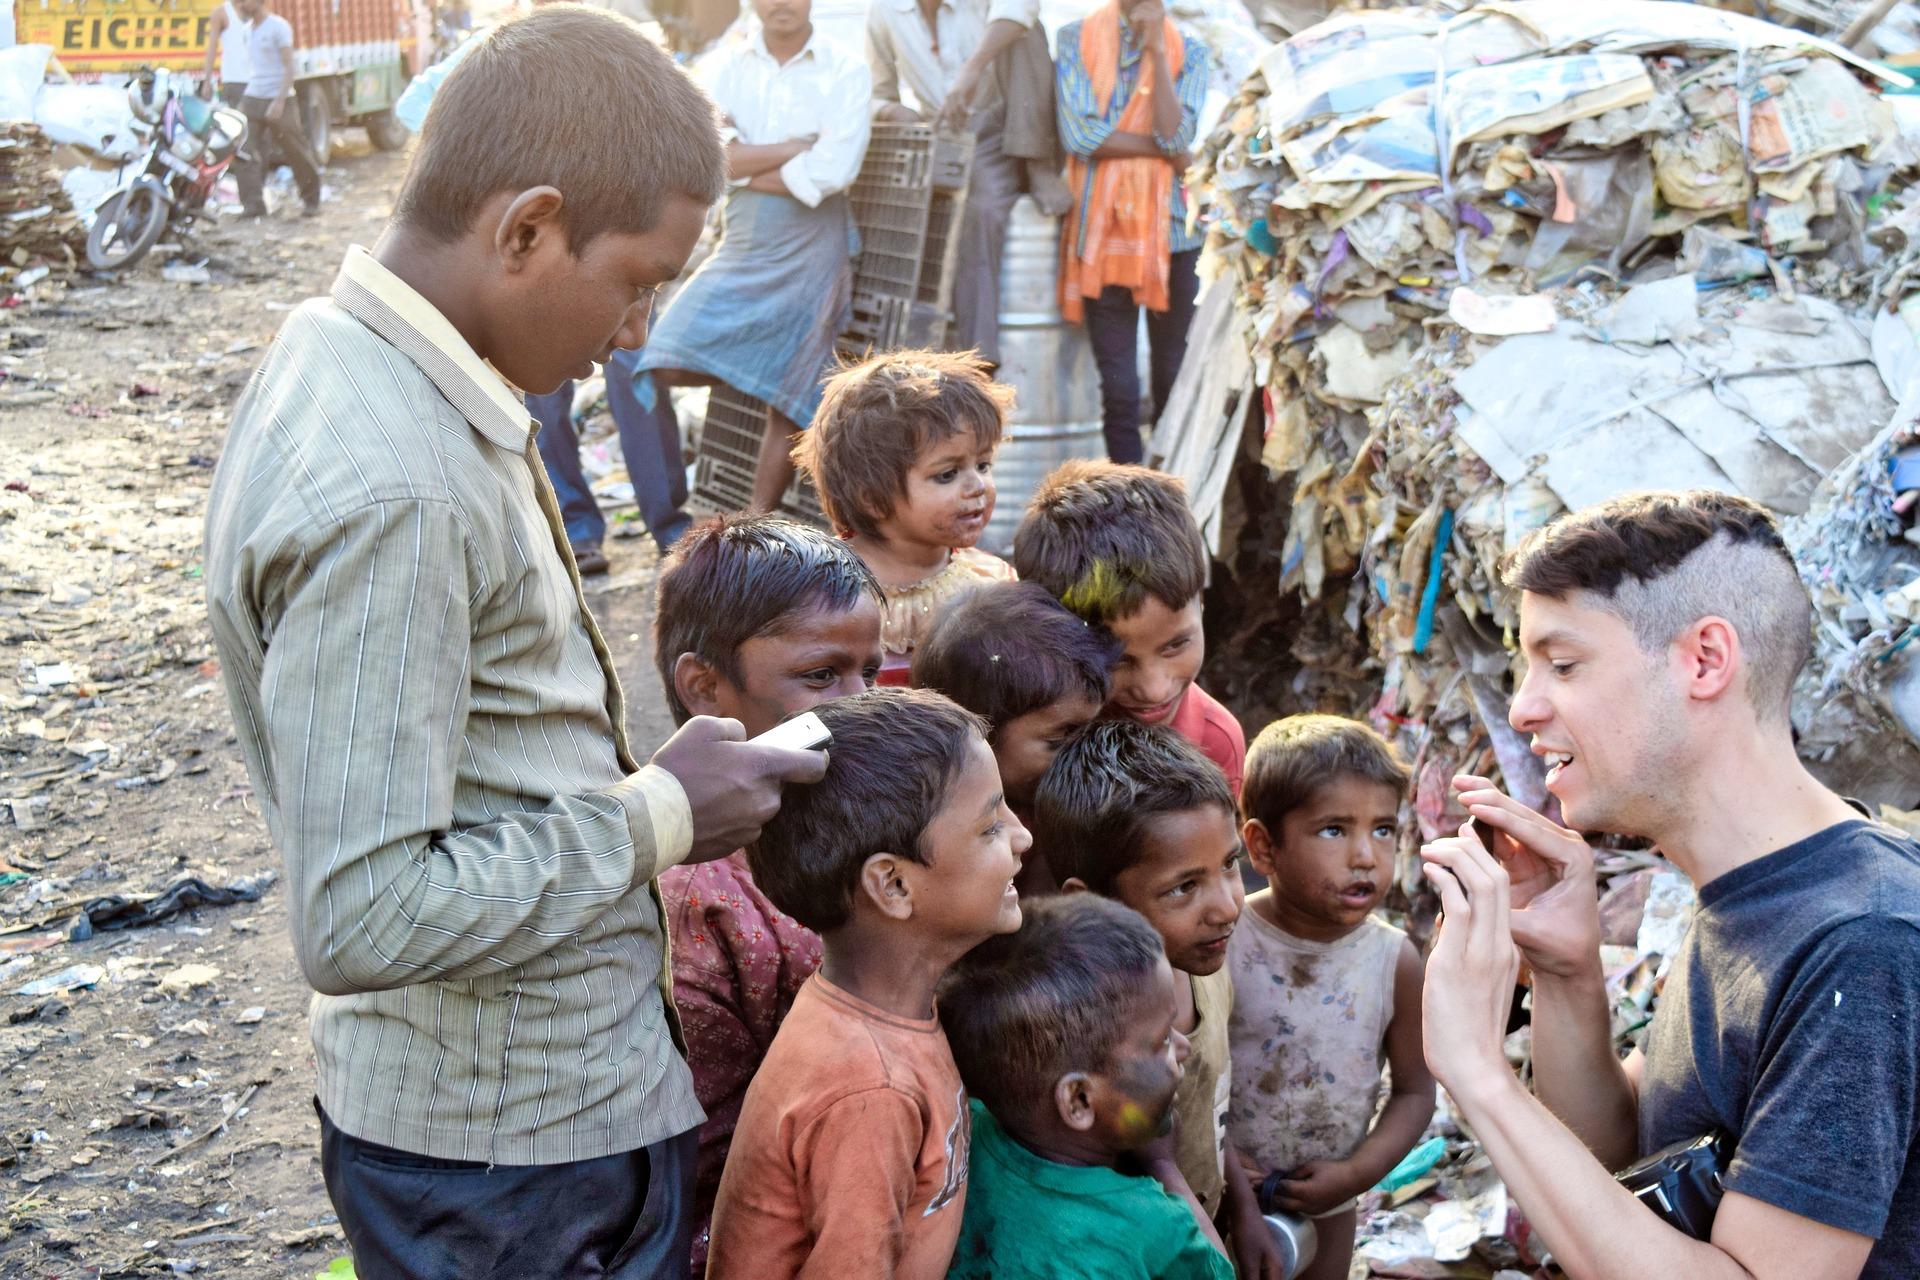 Joven hablando con grupo de niños en la calle